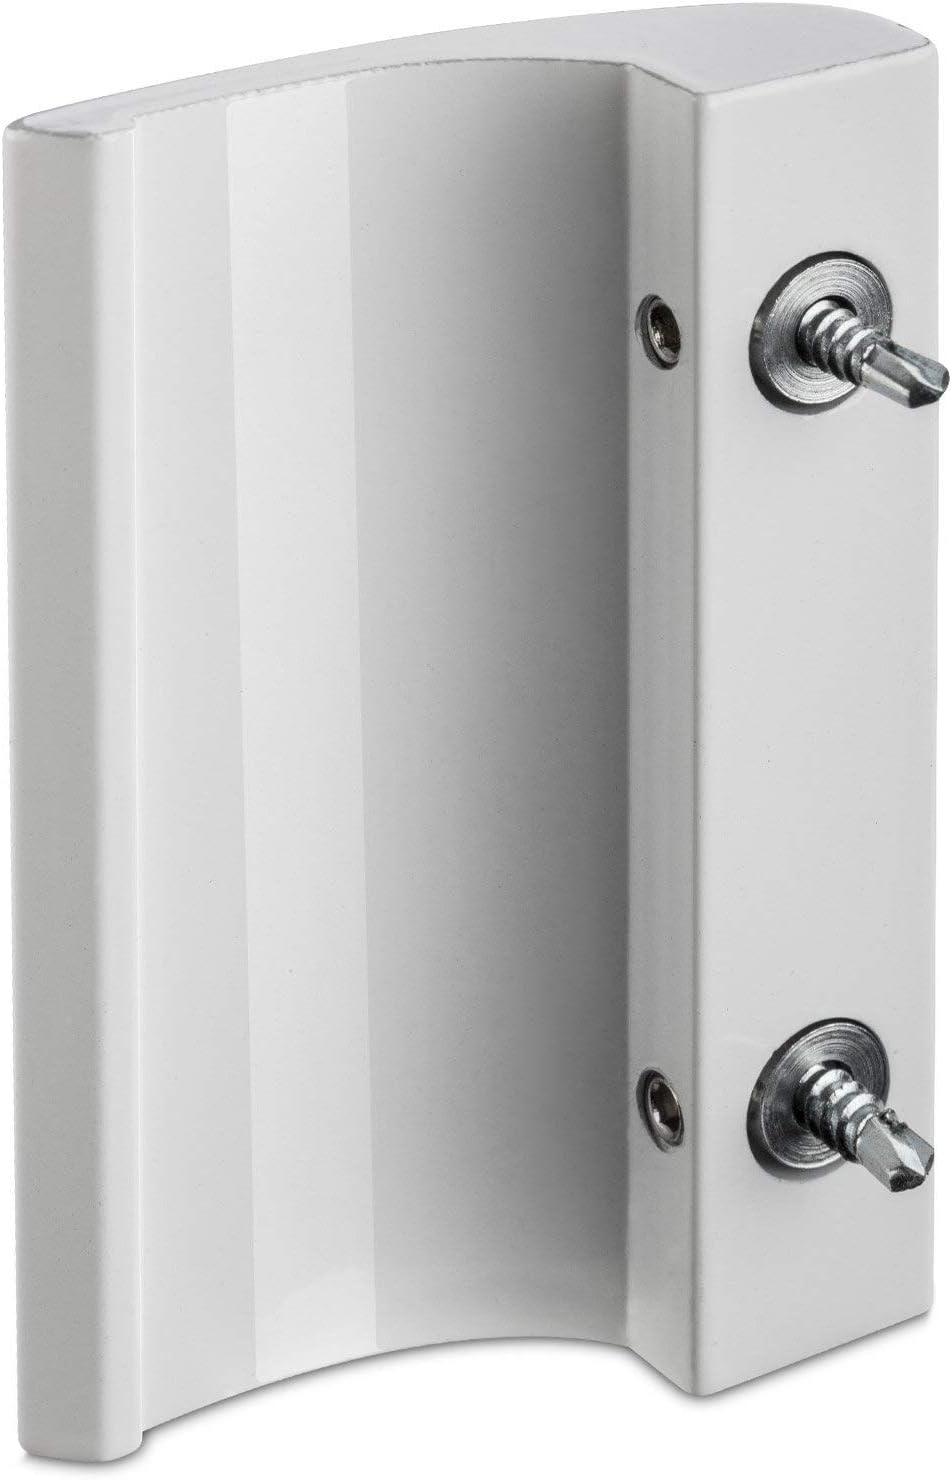 YUM maniglia in lega di alluminio grigia porta scorrevole per balcone porta scorrevole per fienile maniglia per porta da giardino maniglia laterale con viti di montaggio